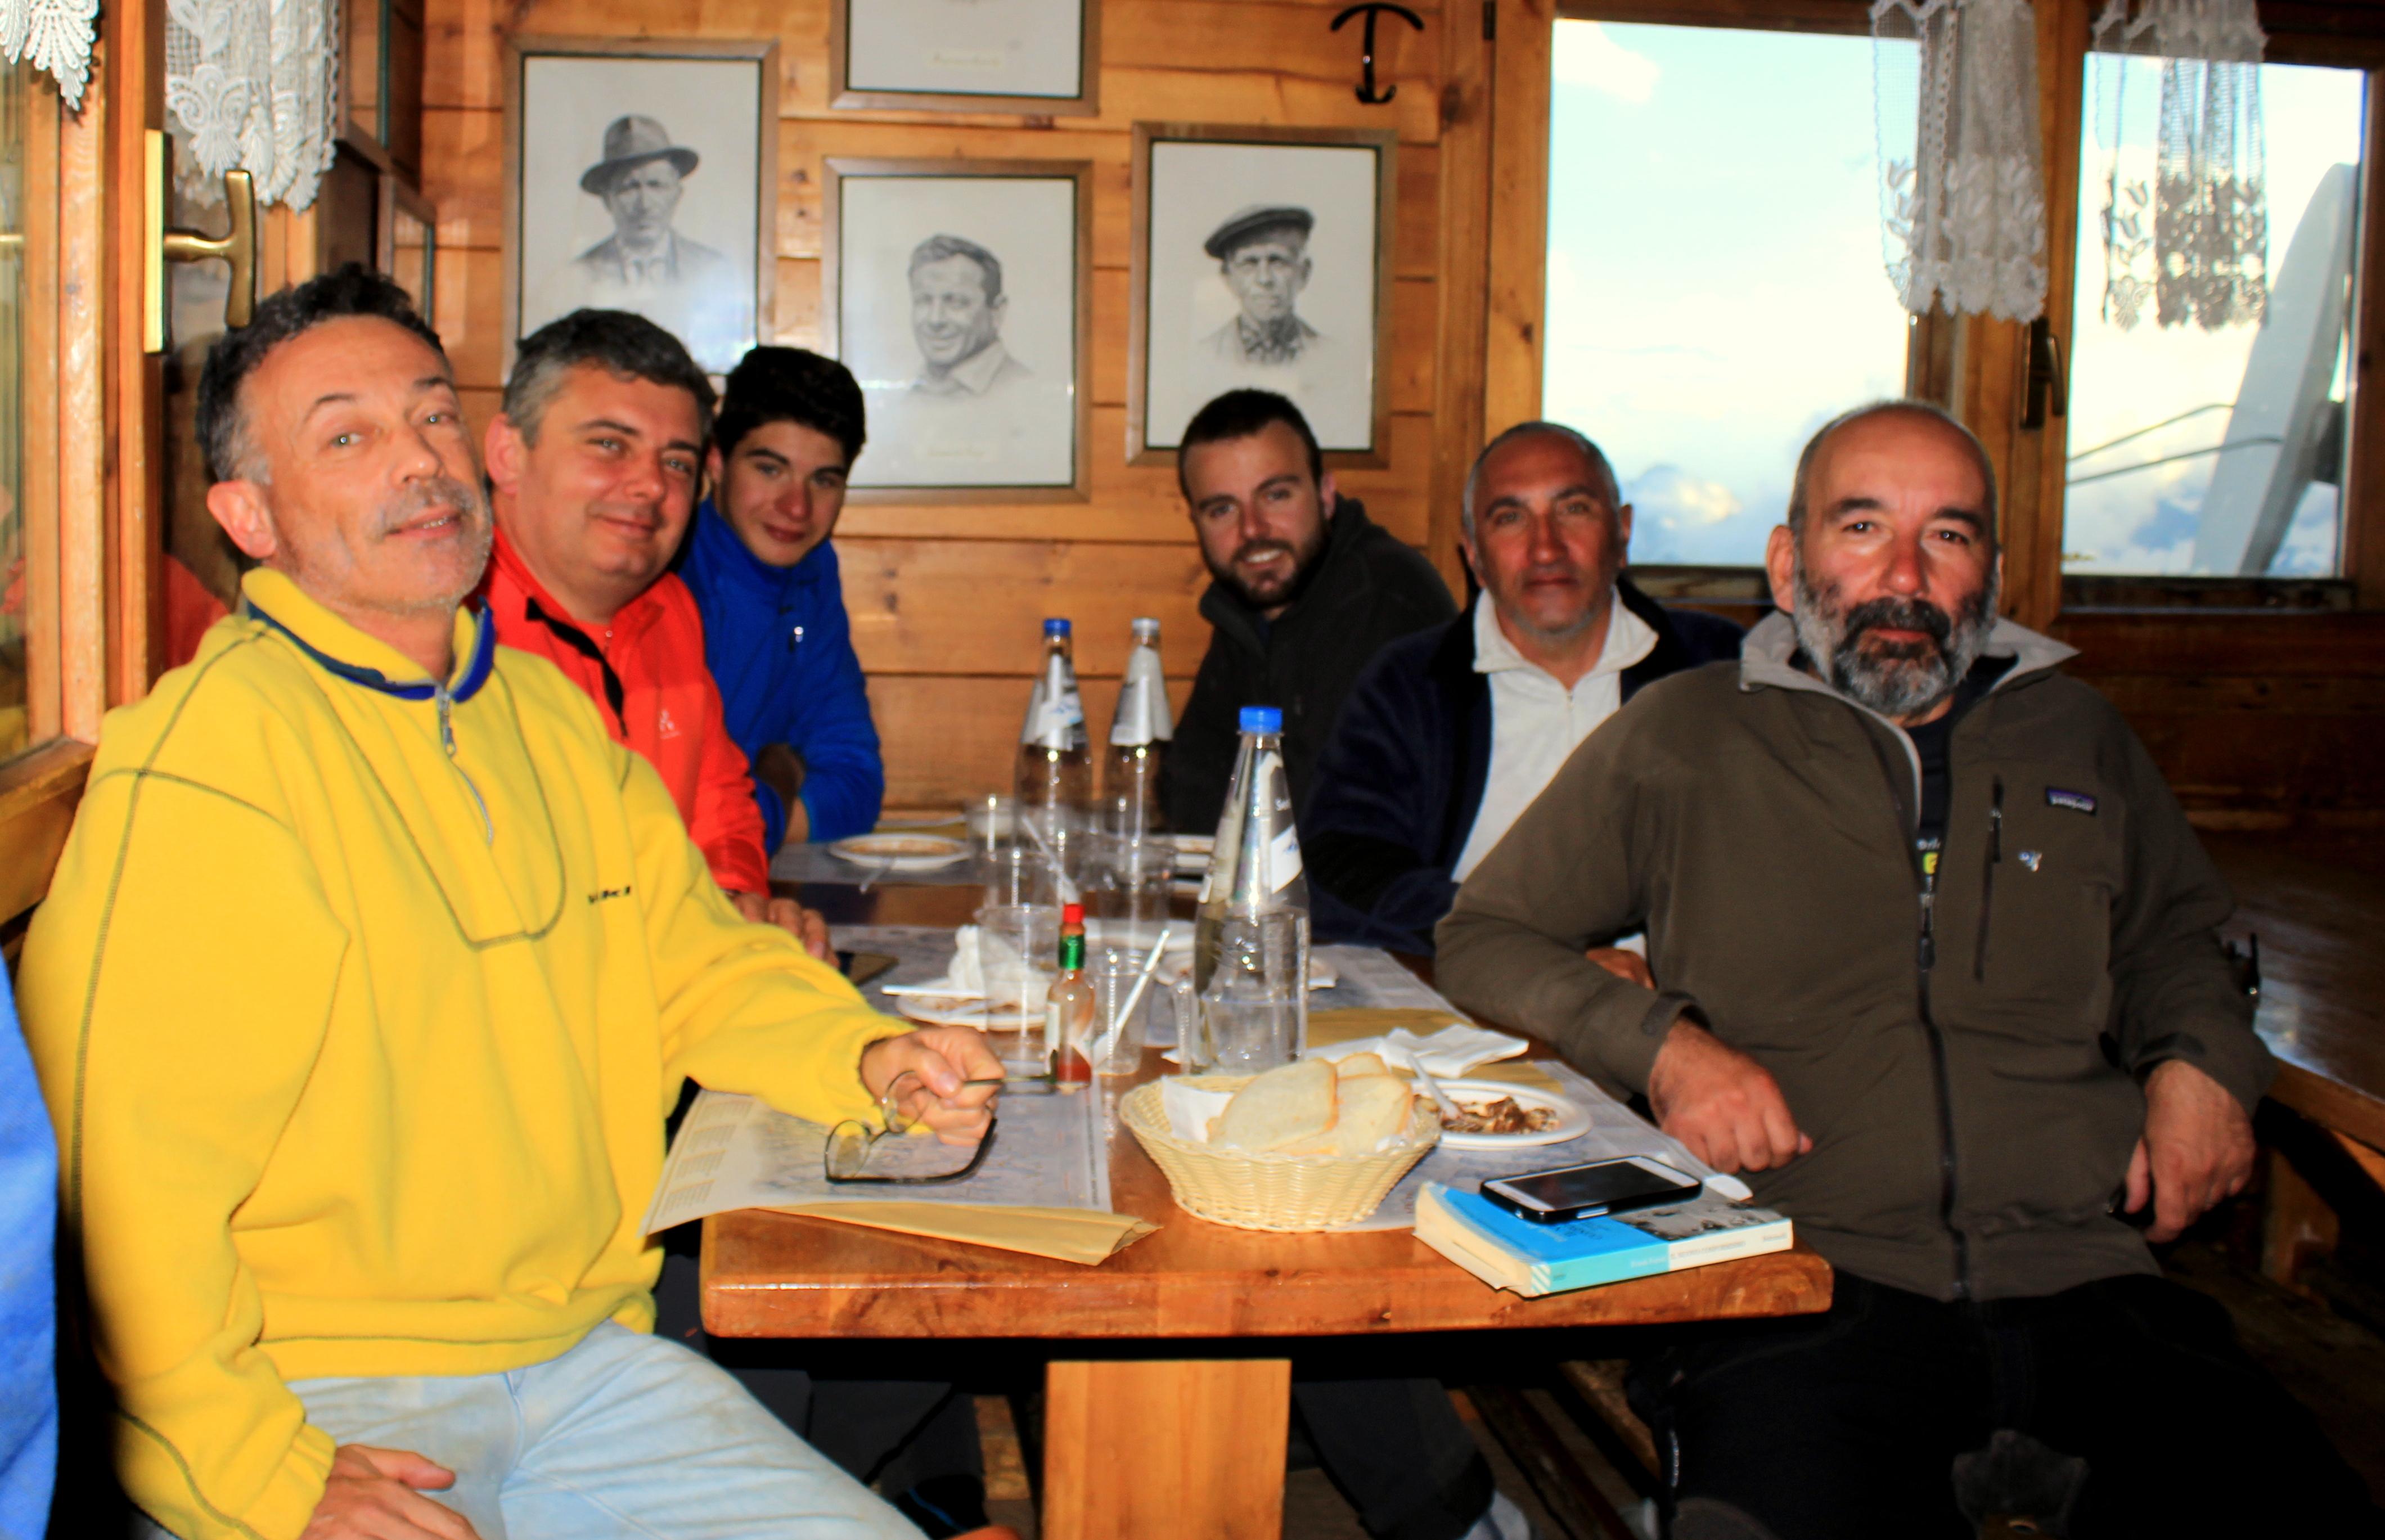 Viva la libertà - andare per ghiacciai sulle Alpiel nostro marketing turistico: storie di avventure a 4.000 a metri